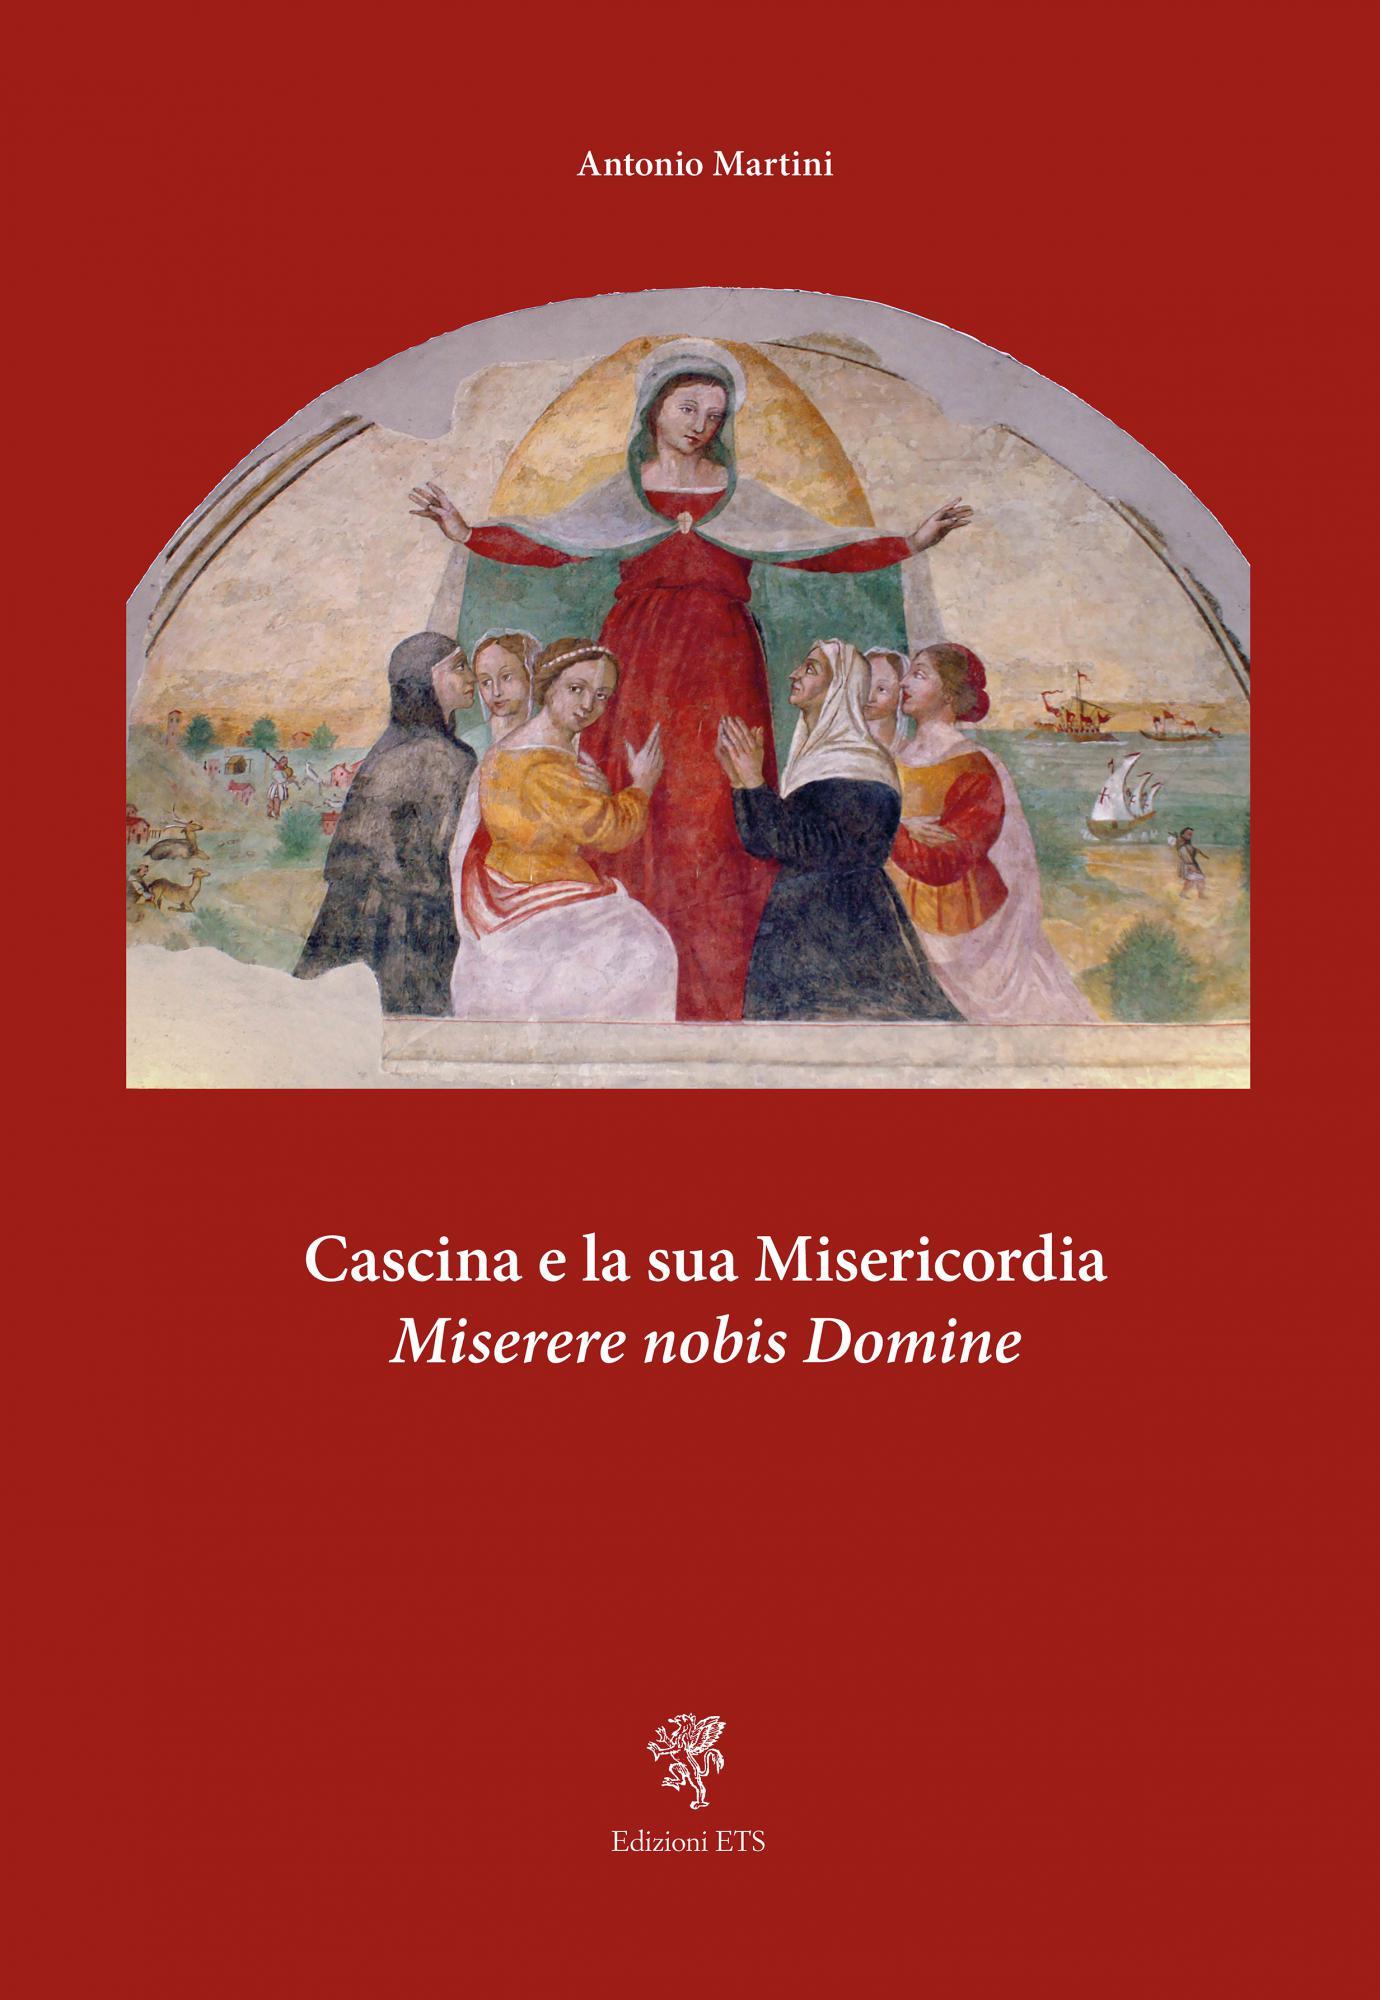 Cascina e la sua Misericordia.Miserere nobis Domine